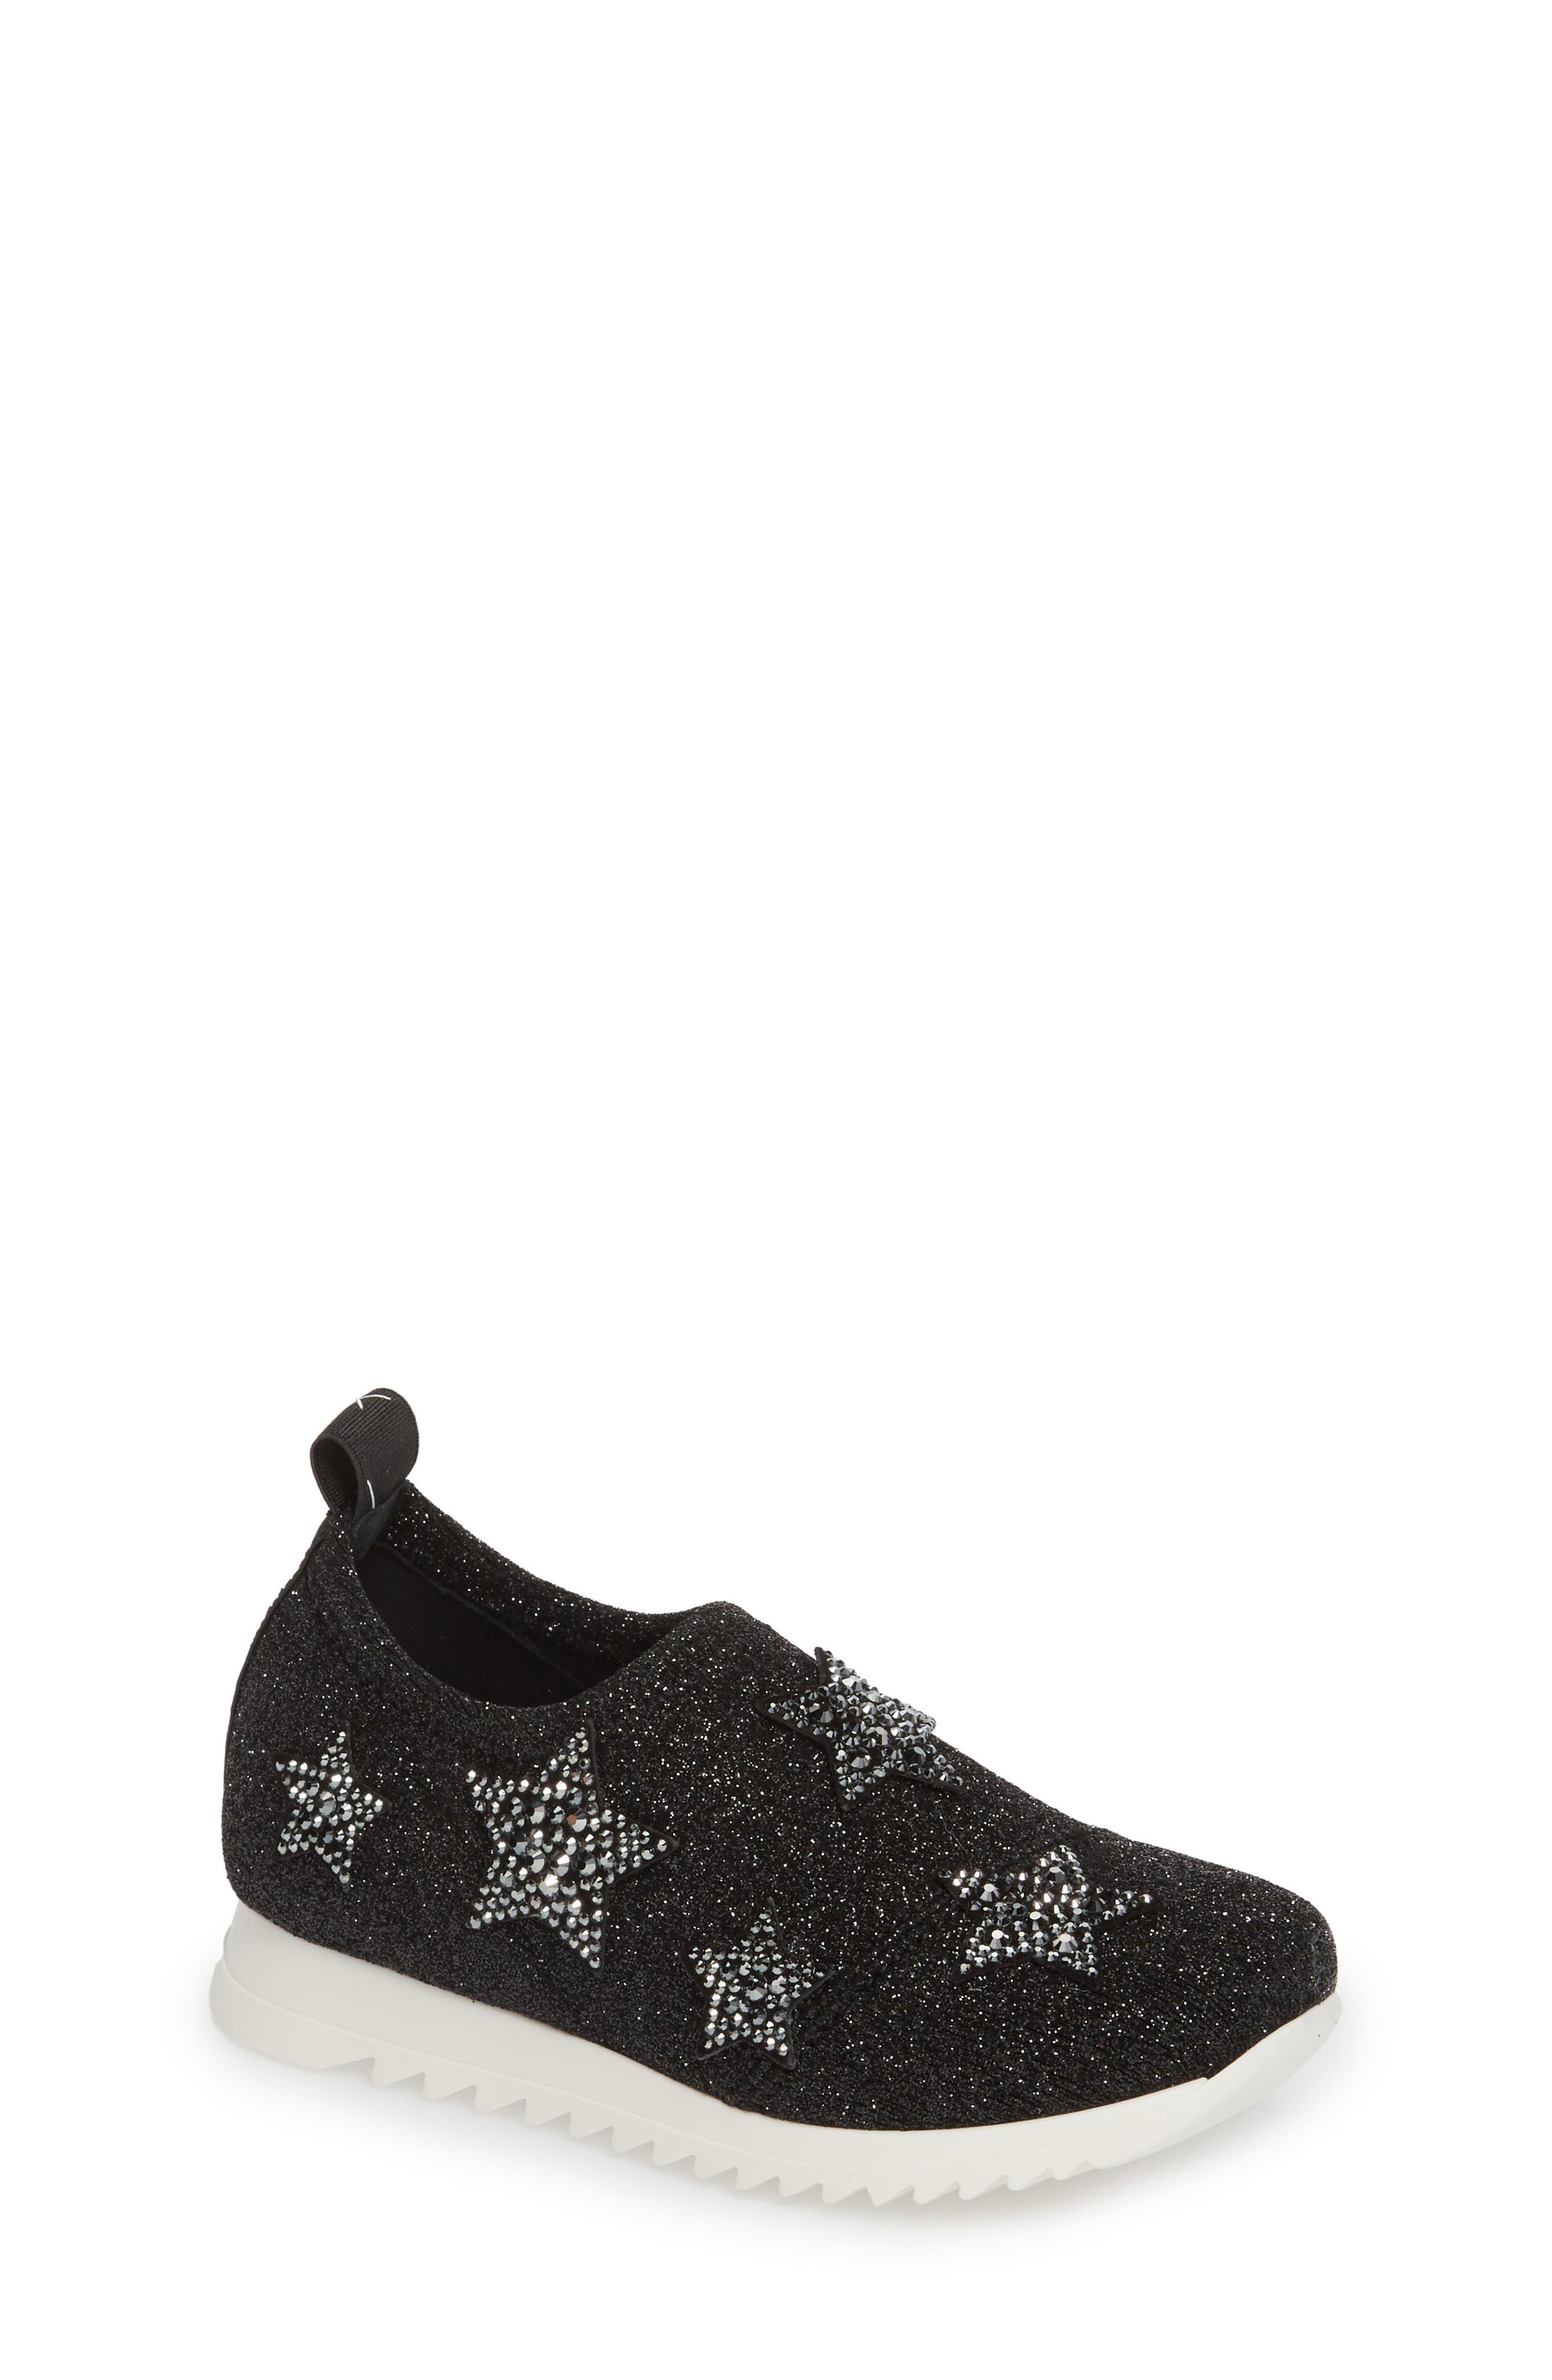 Natalie Star Glitter Slip-On Sneaker,                             Main thumbnail 1, color,                             001